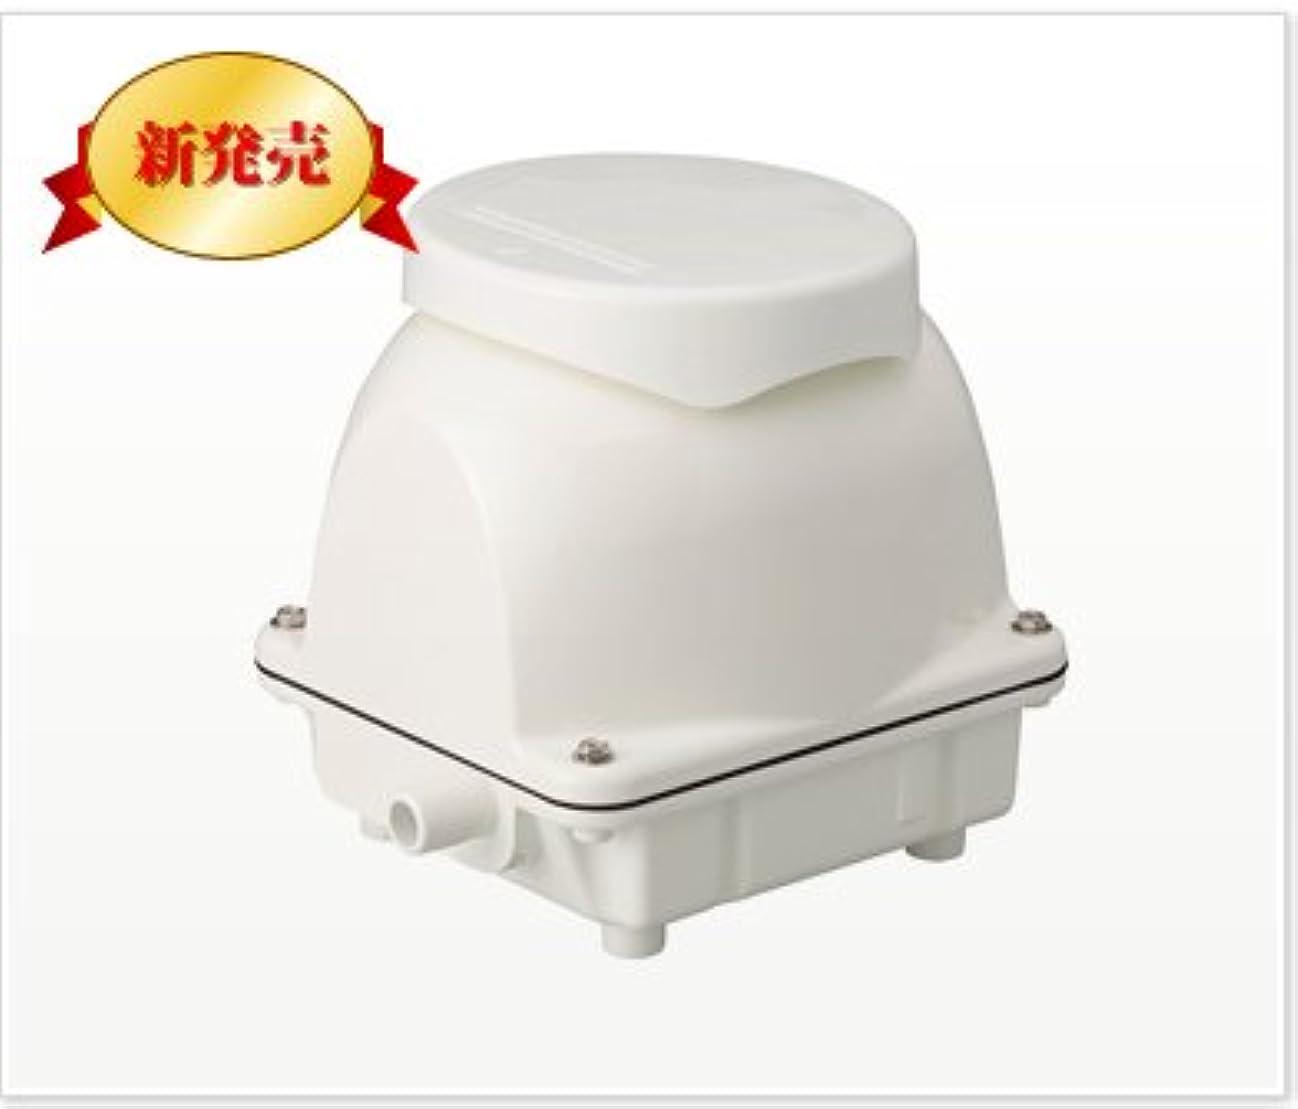 否定するフォーカス名前EcoMac120 フジクリーン工業 浄化槽 ブロワー